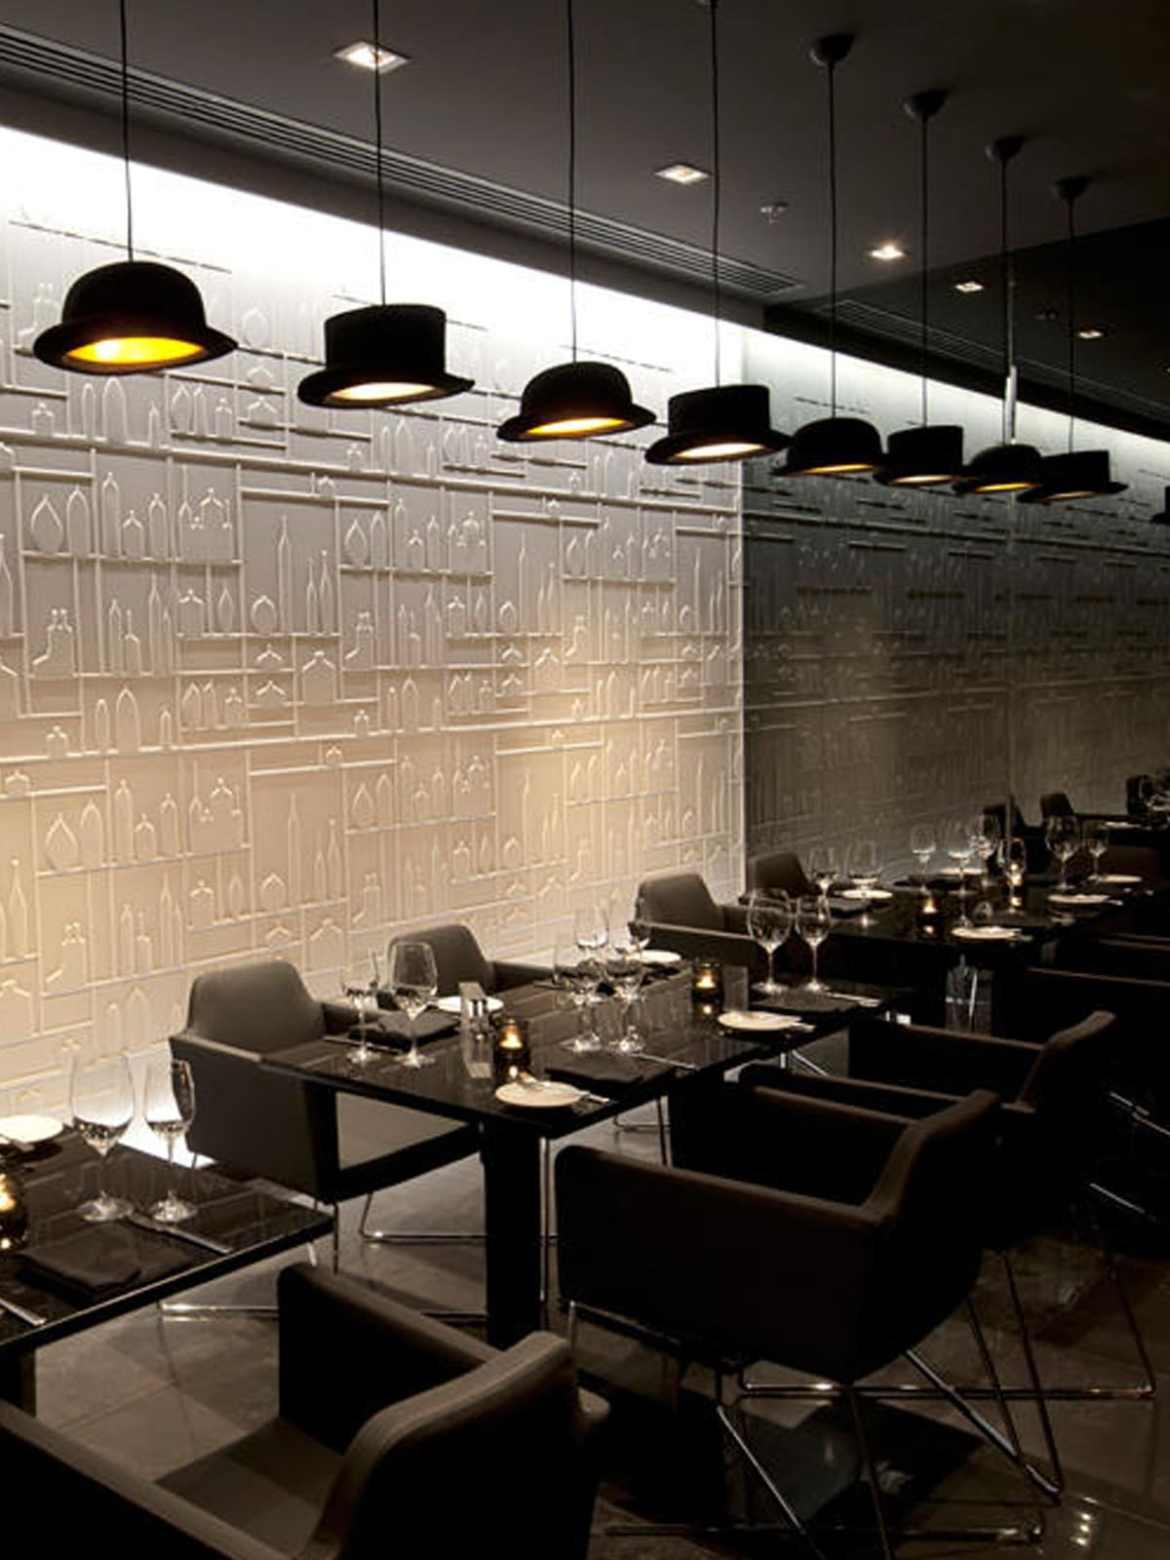 frische designerleuchten f r die gastronomie lampen leuchten designerleuchten online berlin design. Black Bedroom Furniture Sets. Home Design Ideas